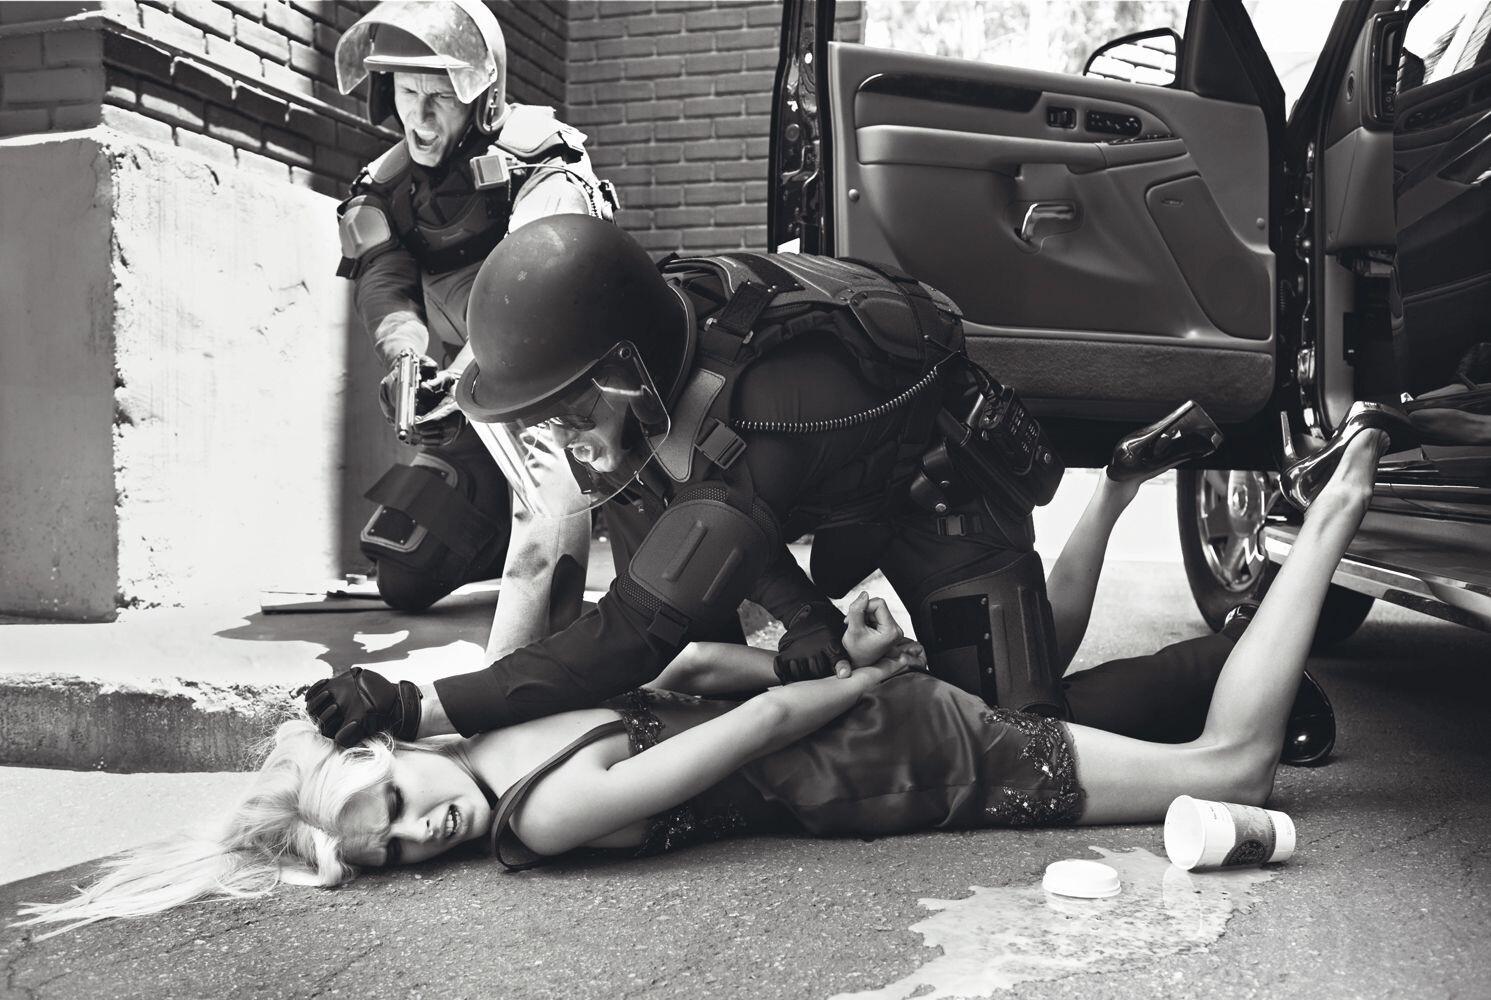 Из серии «Чрезвычайное положение», Vogue Италия, 2006. Фотограф Стивен Майзель